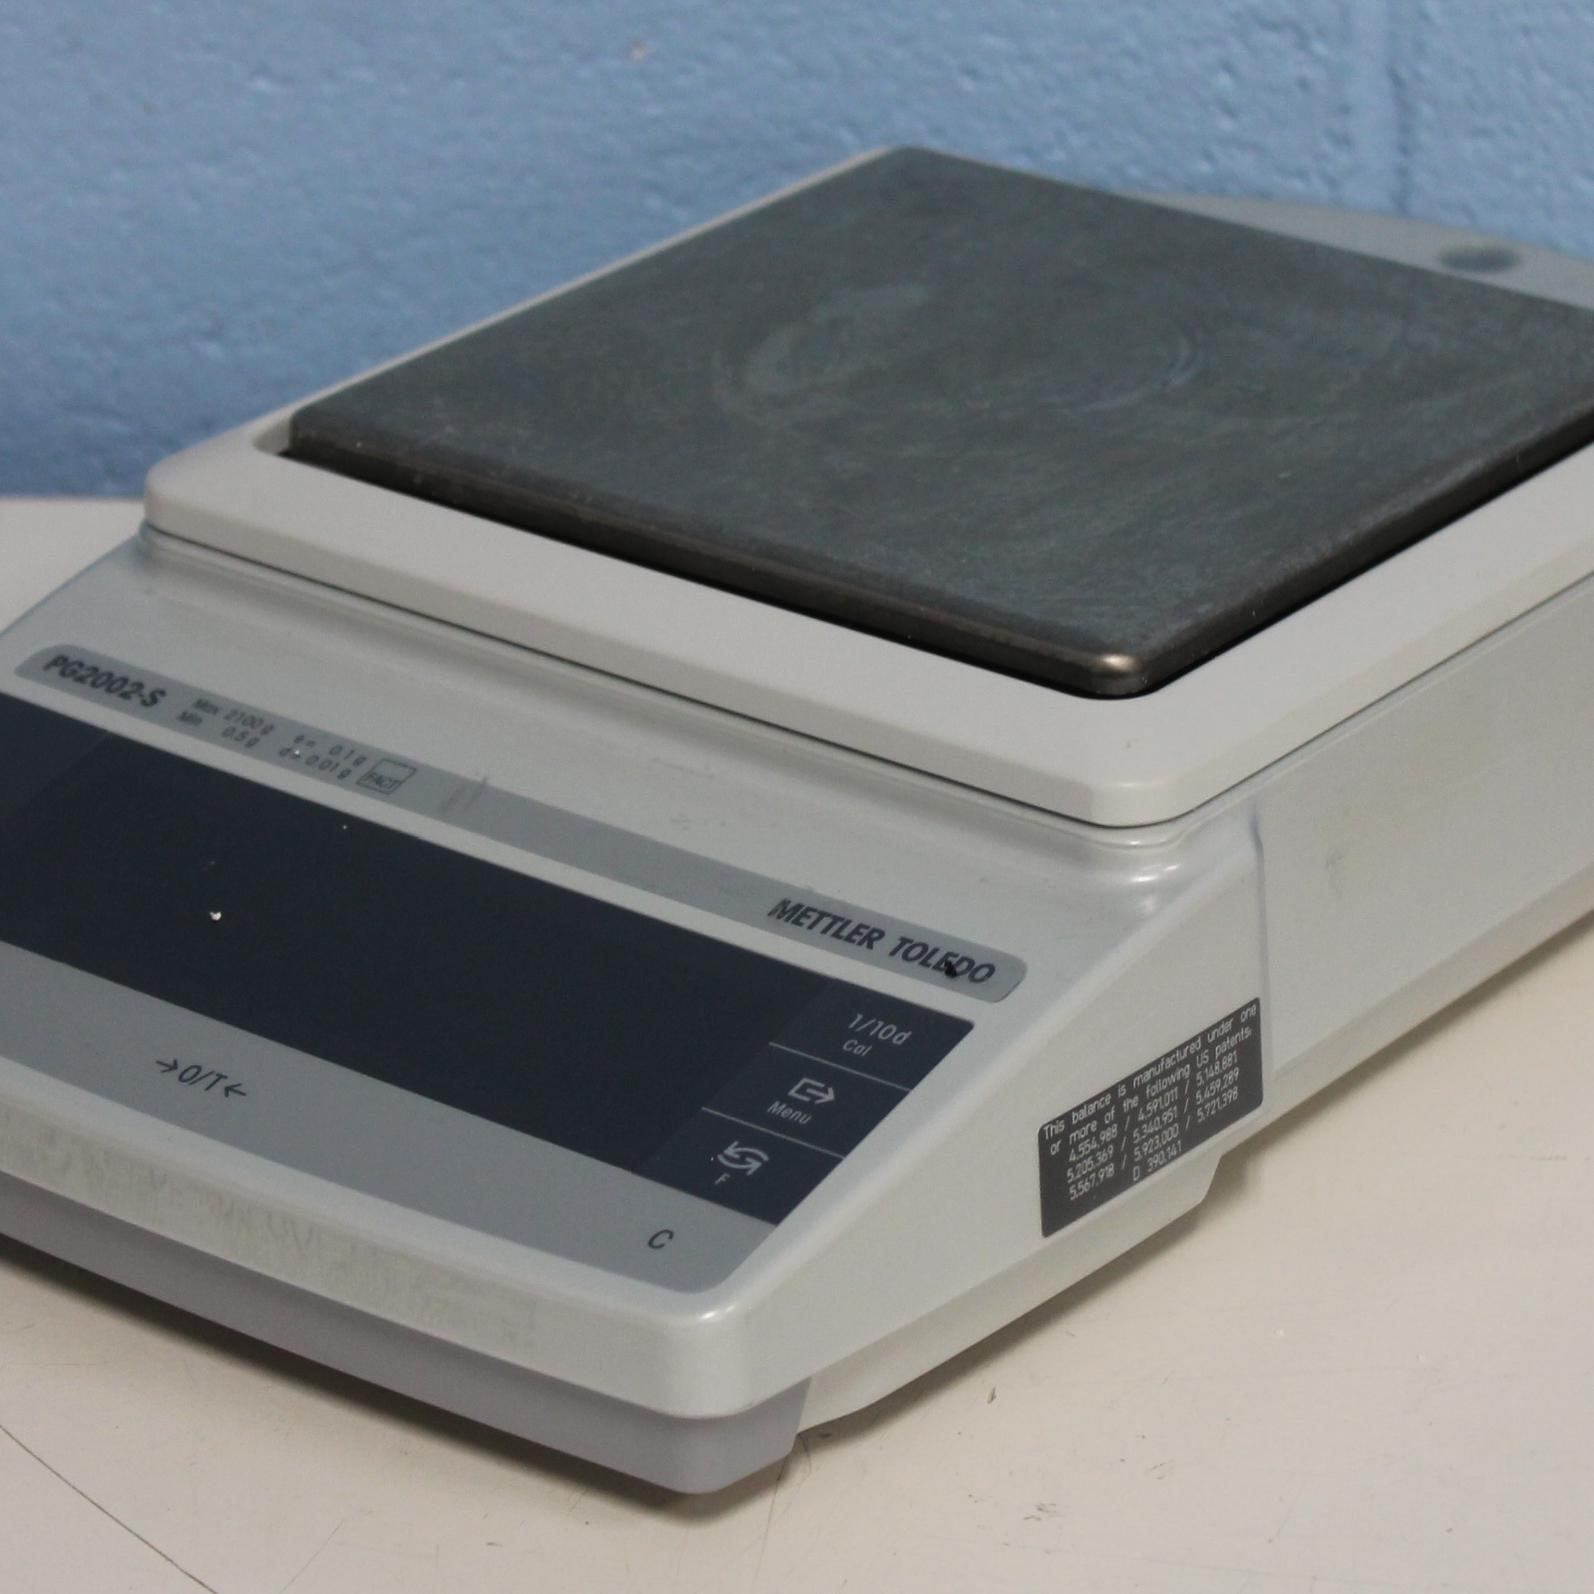 Mettler Toledo Analytical Balance Model PG2002-S Image